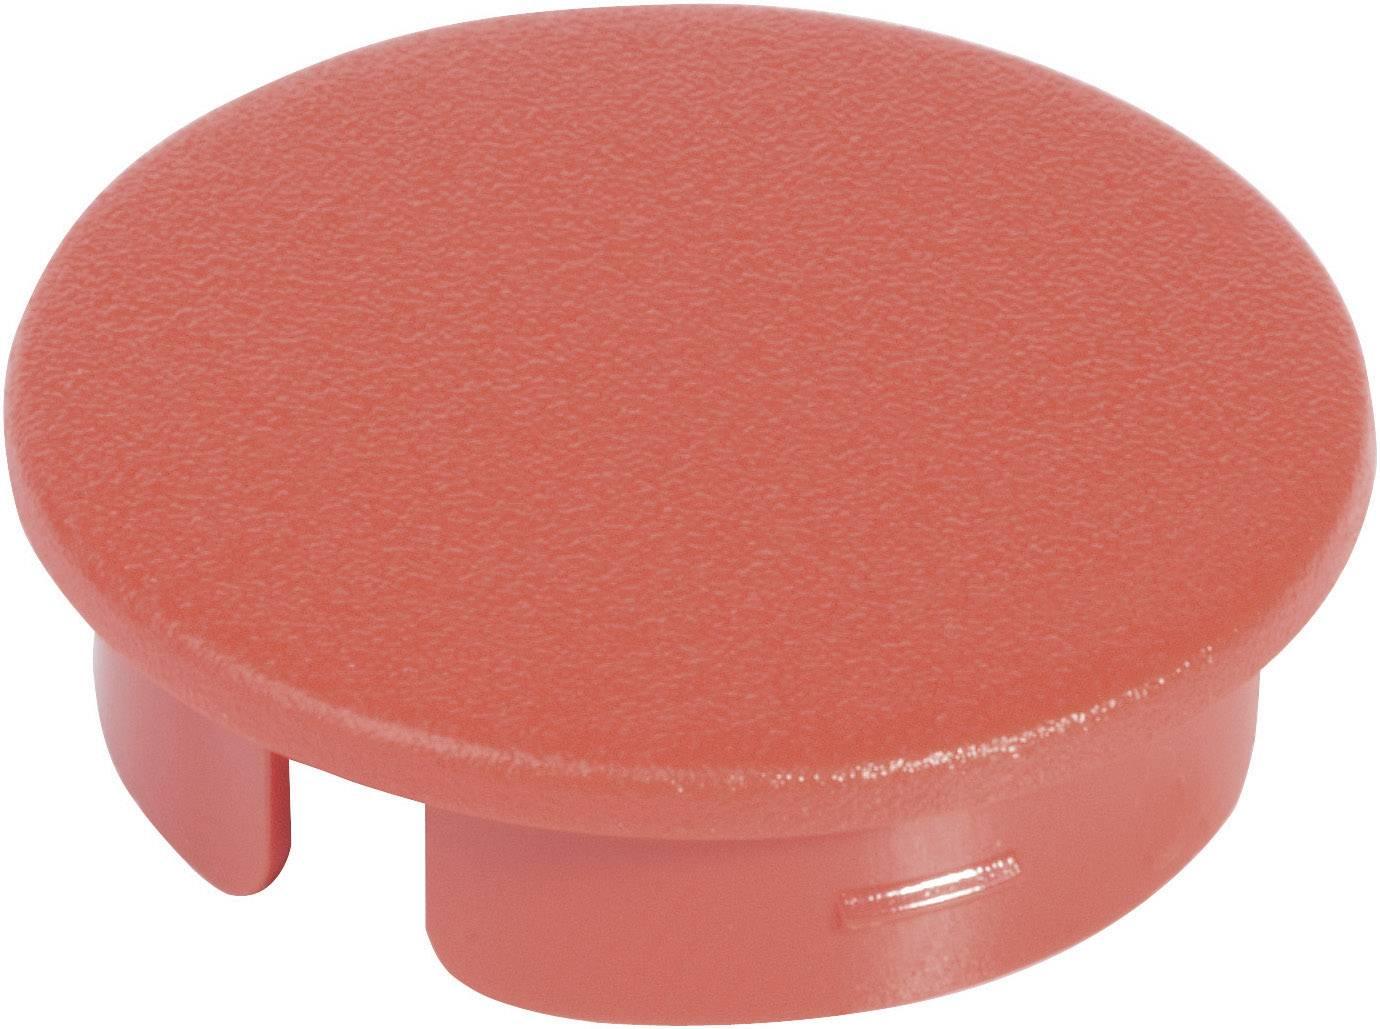 Krytka na otočný knoflík s ukazatelem OKW, pro knoflíky/O 20 mm, červená